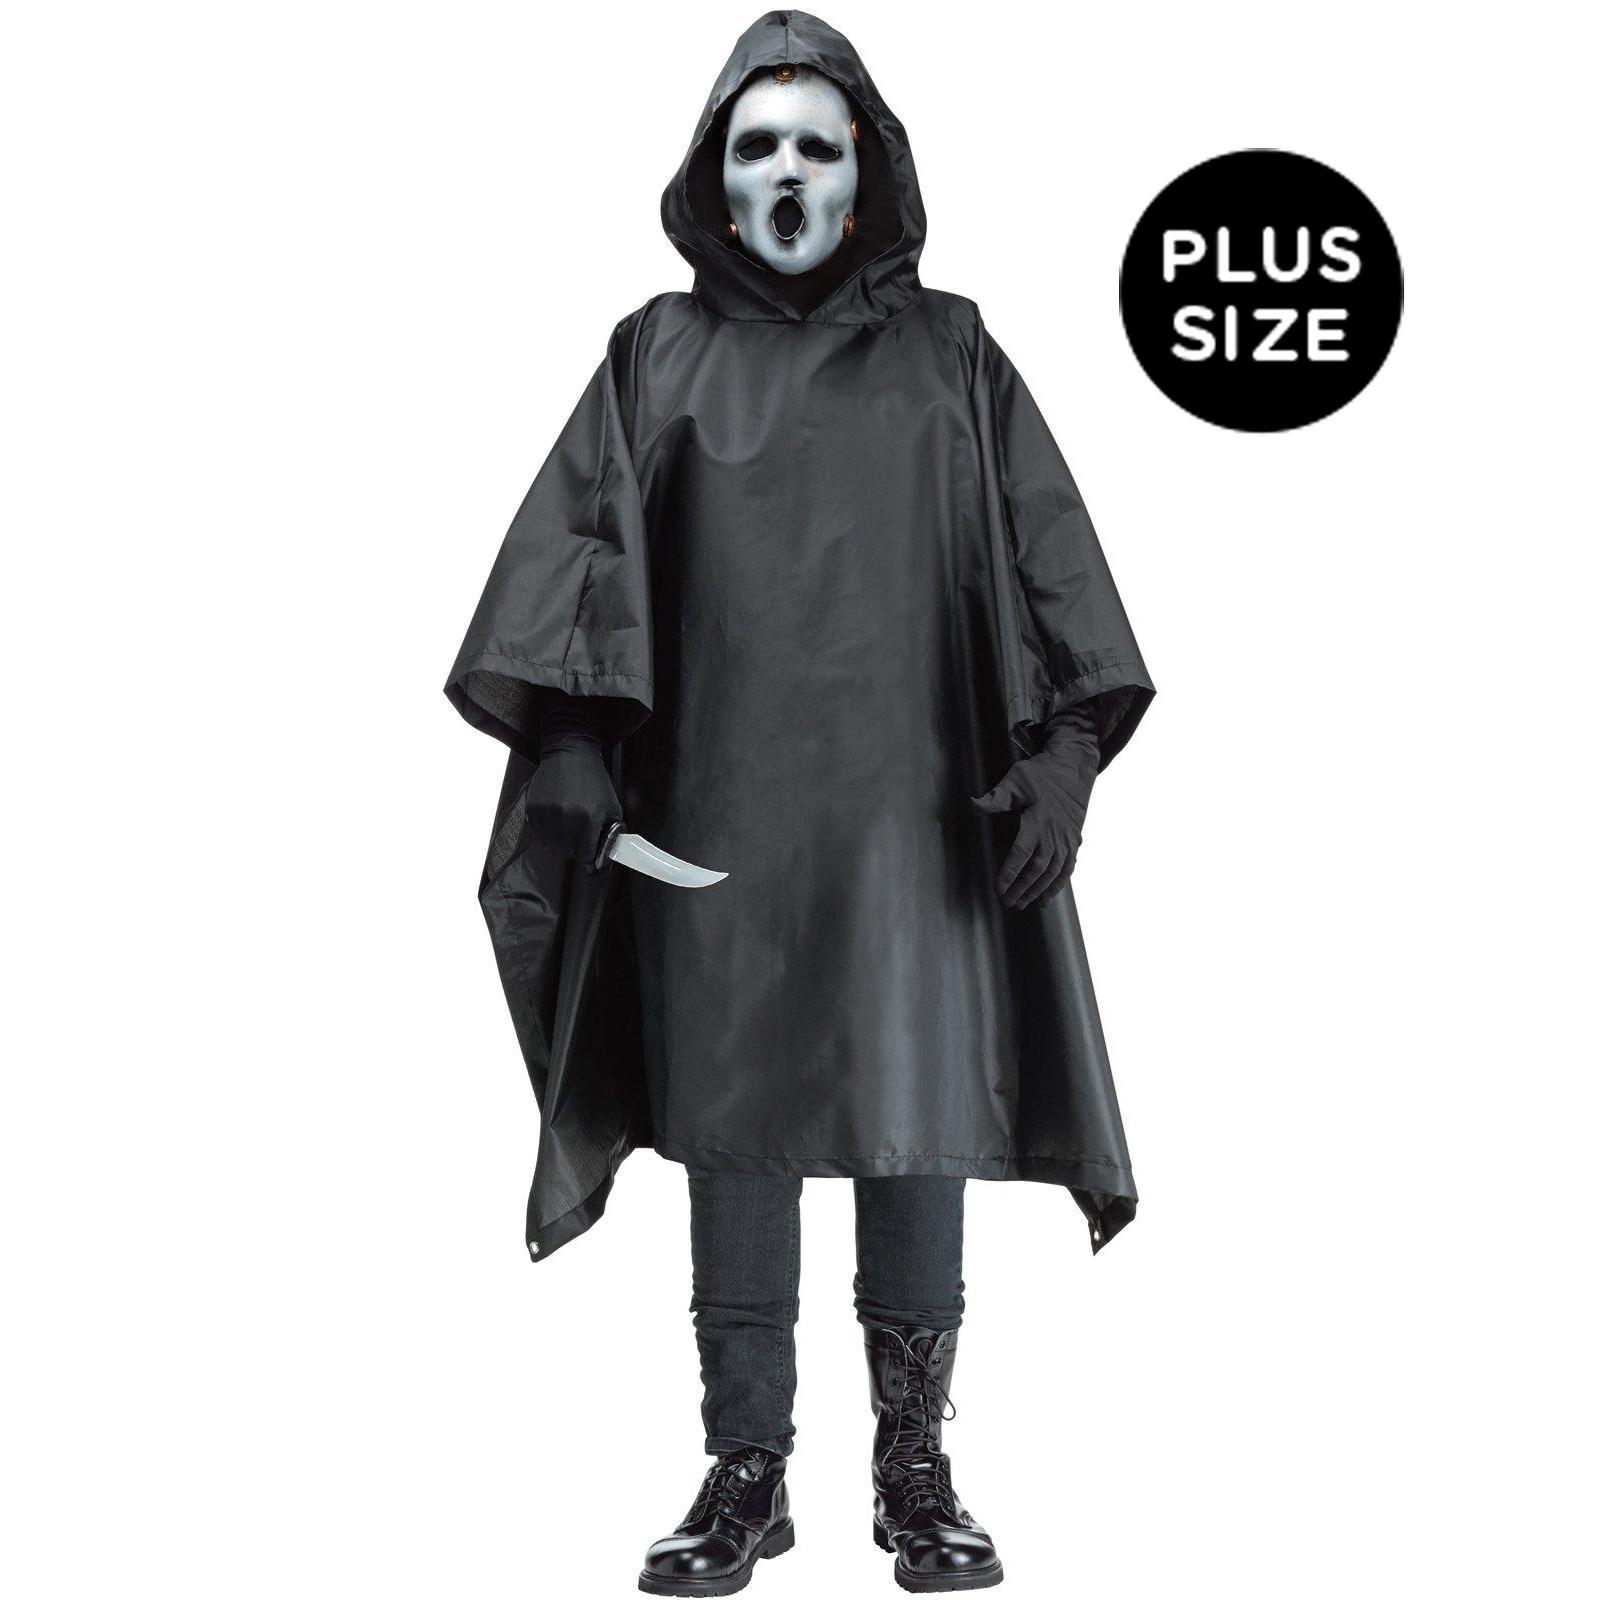 MTV Scream Plus Adult Costume